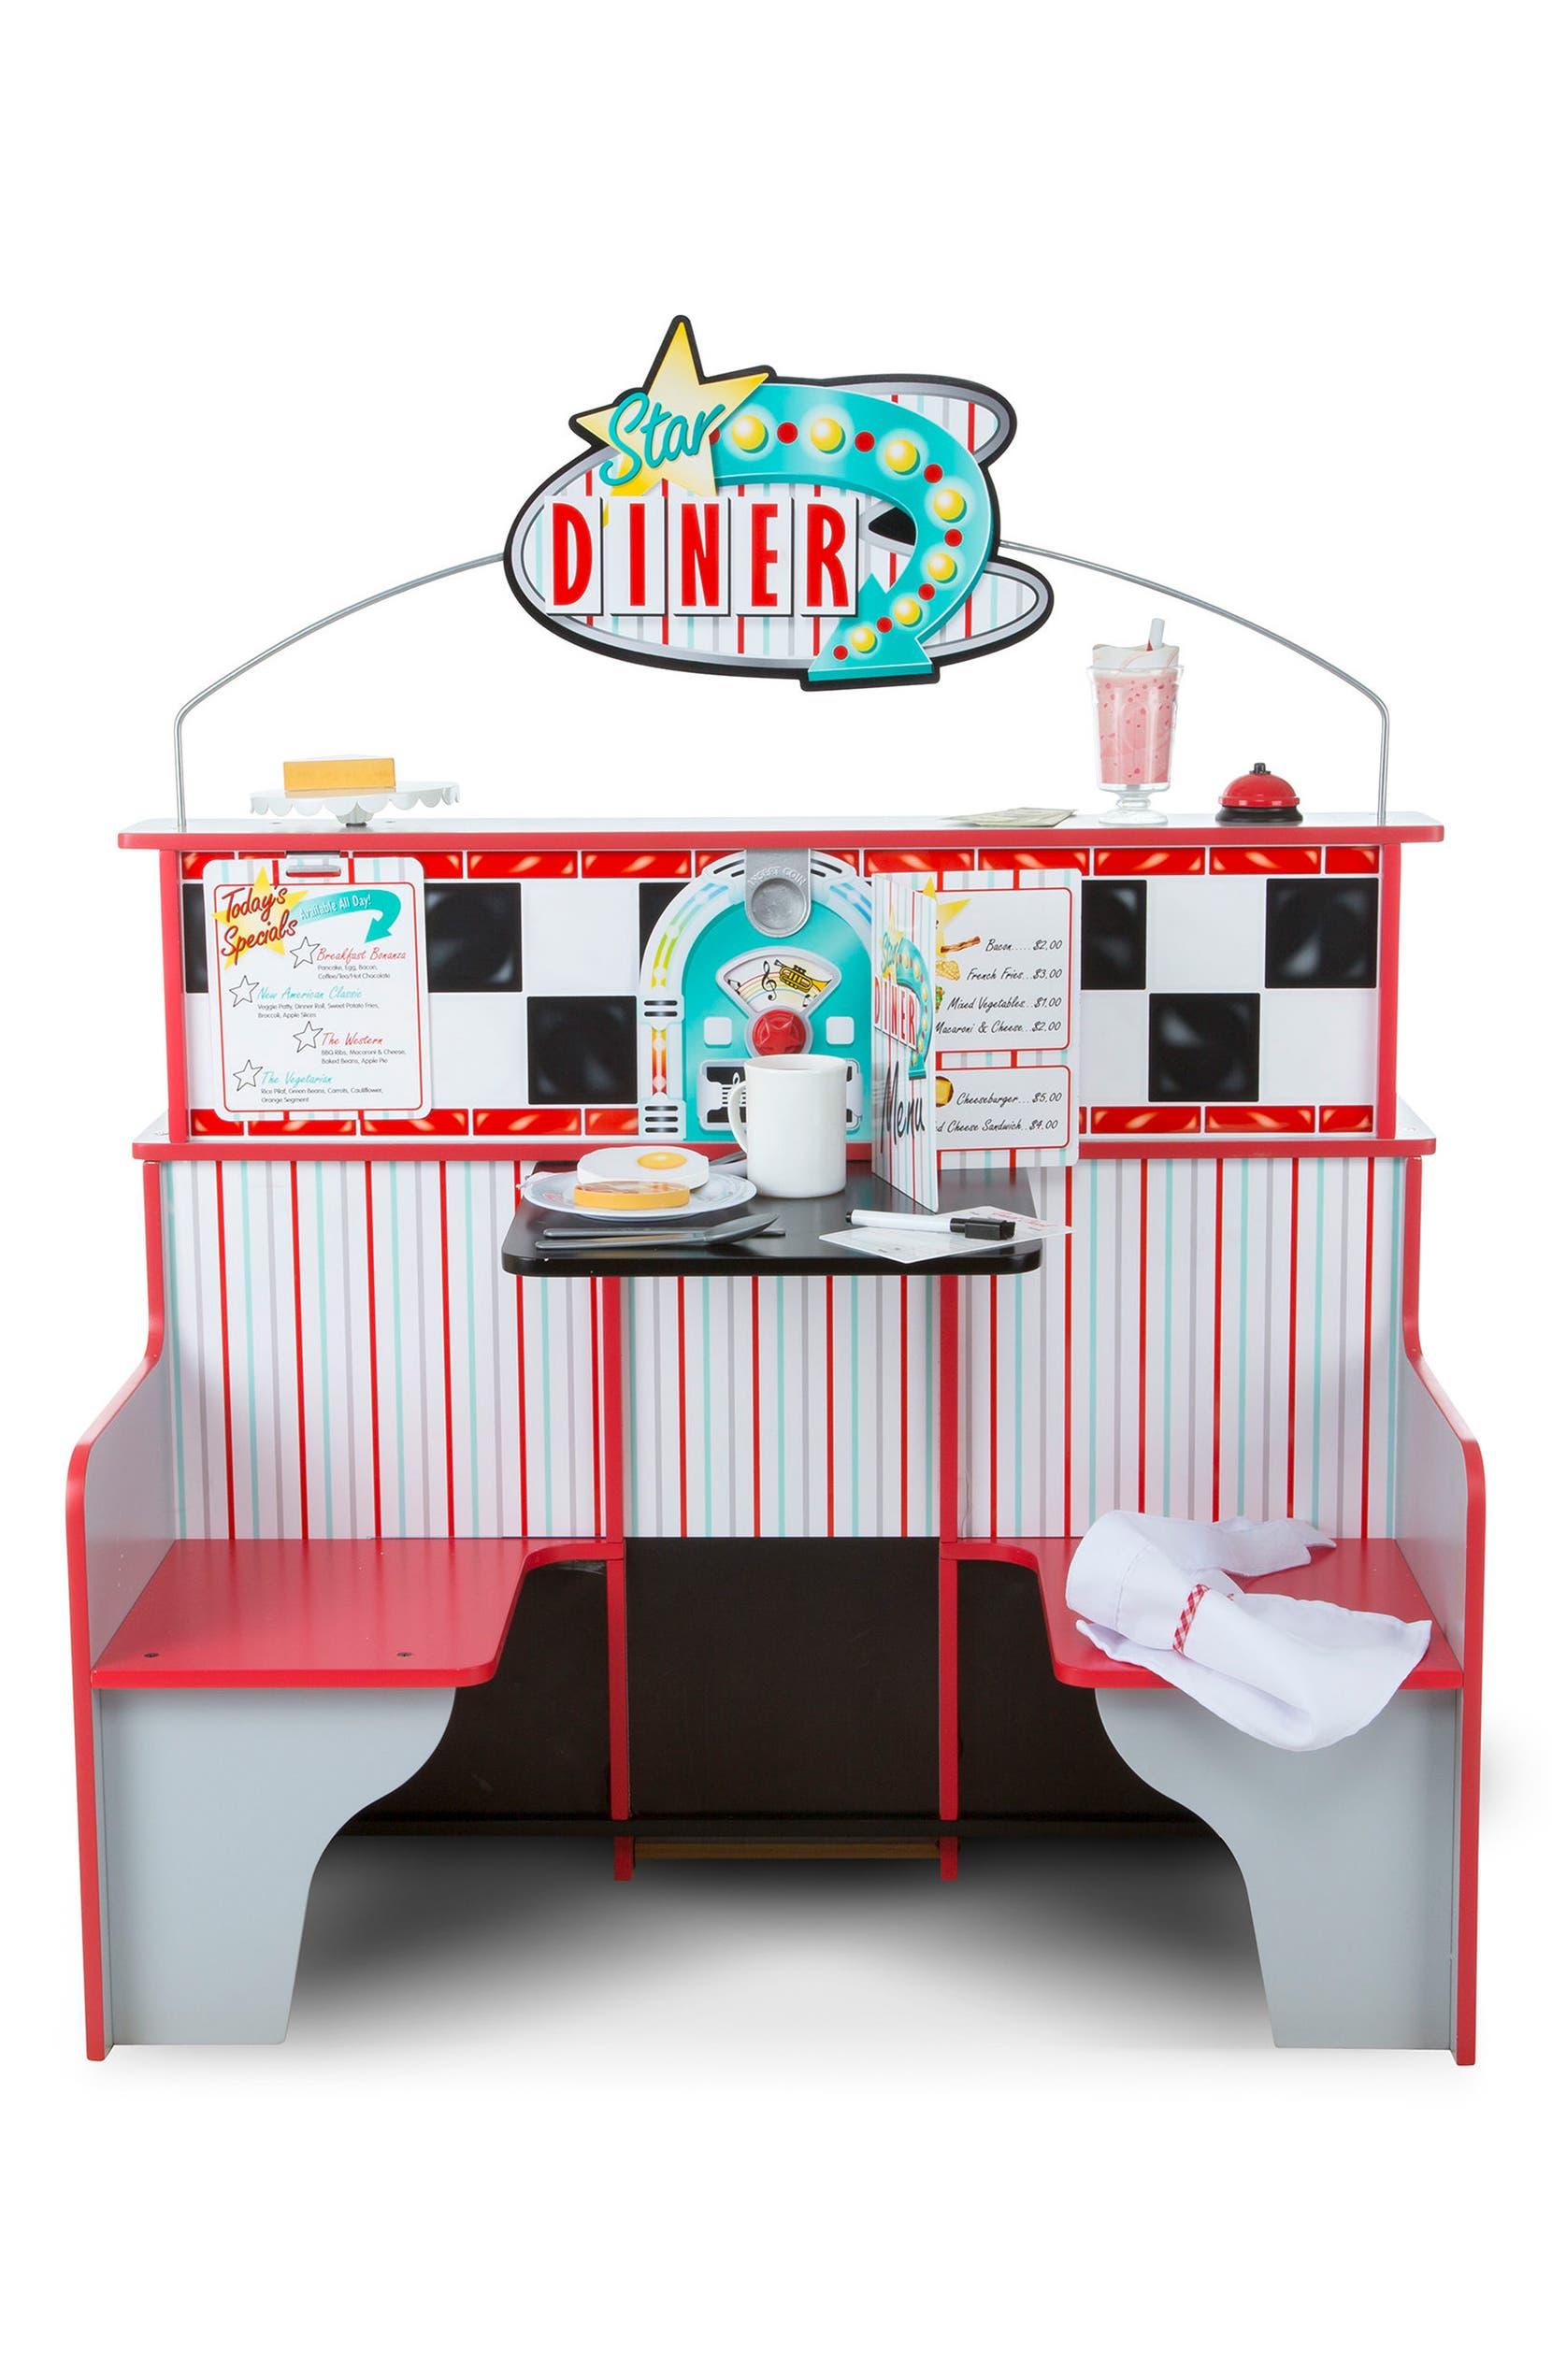 c4de1c6caf Star Diner Play Scene